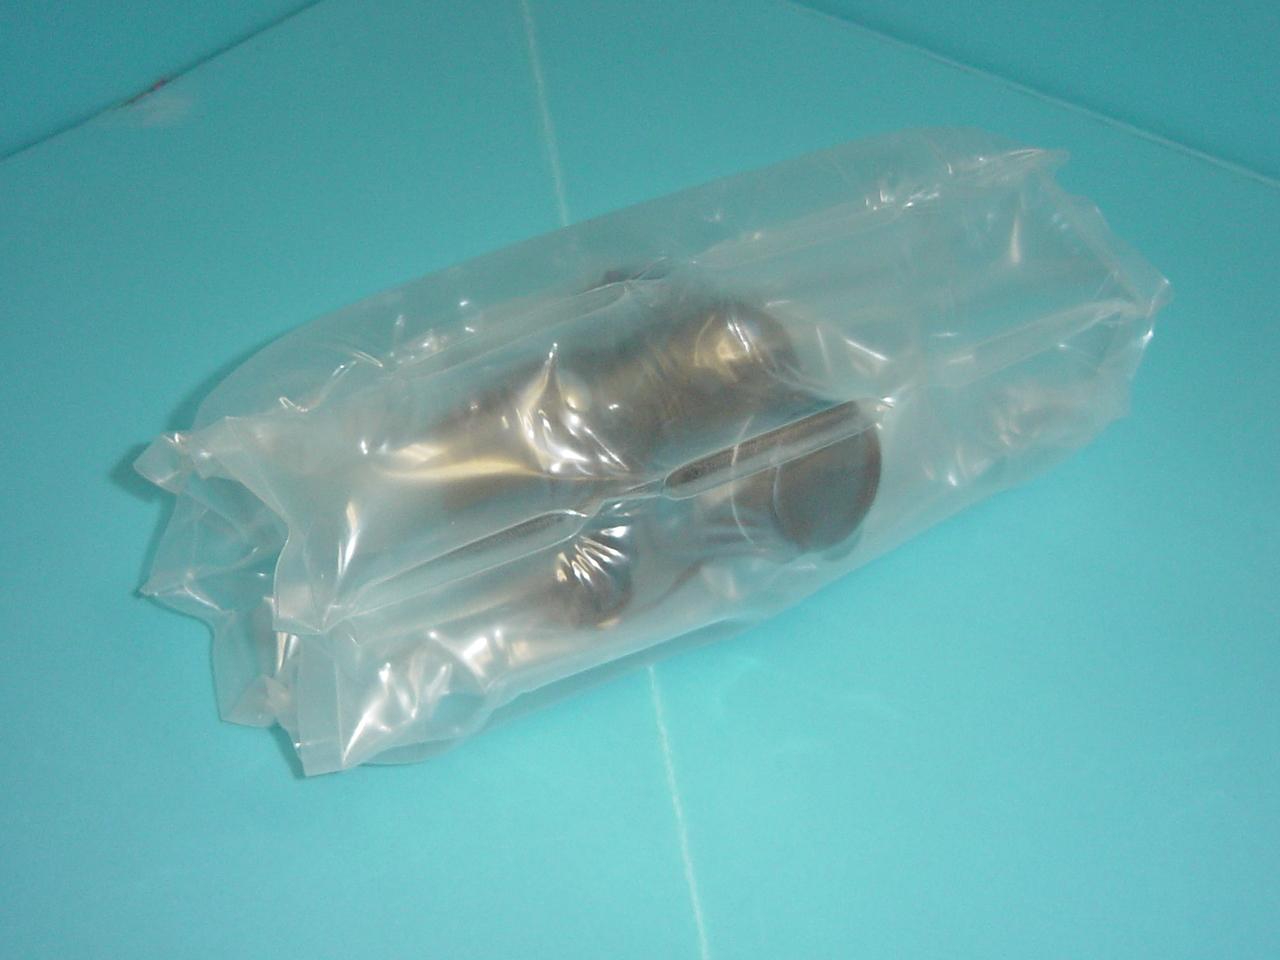 「修理製品の返却包装」の画像